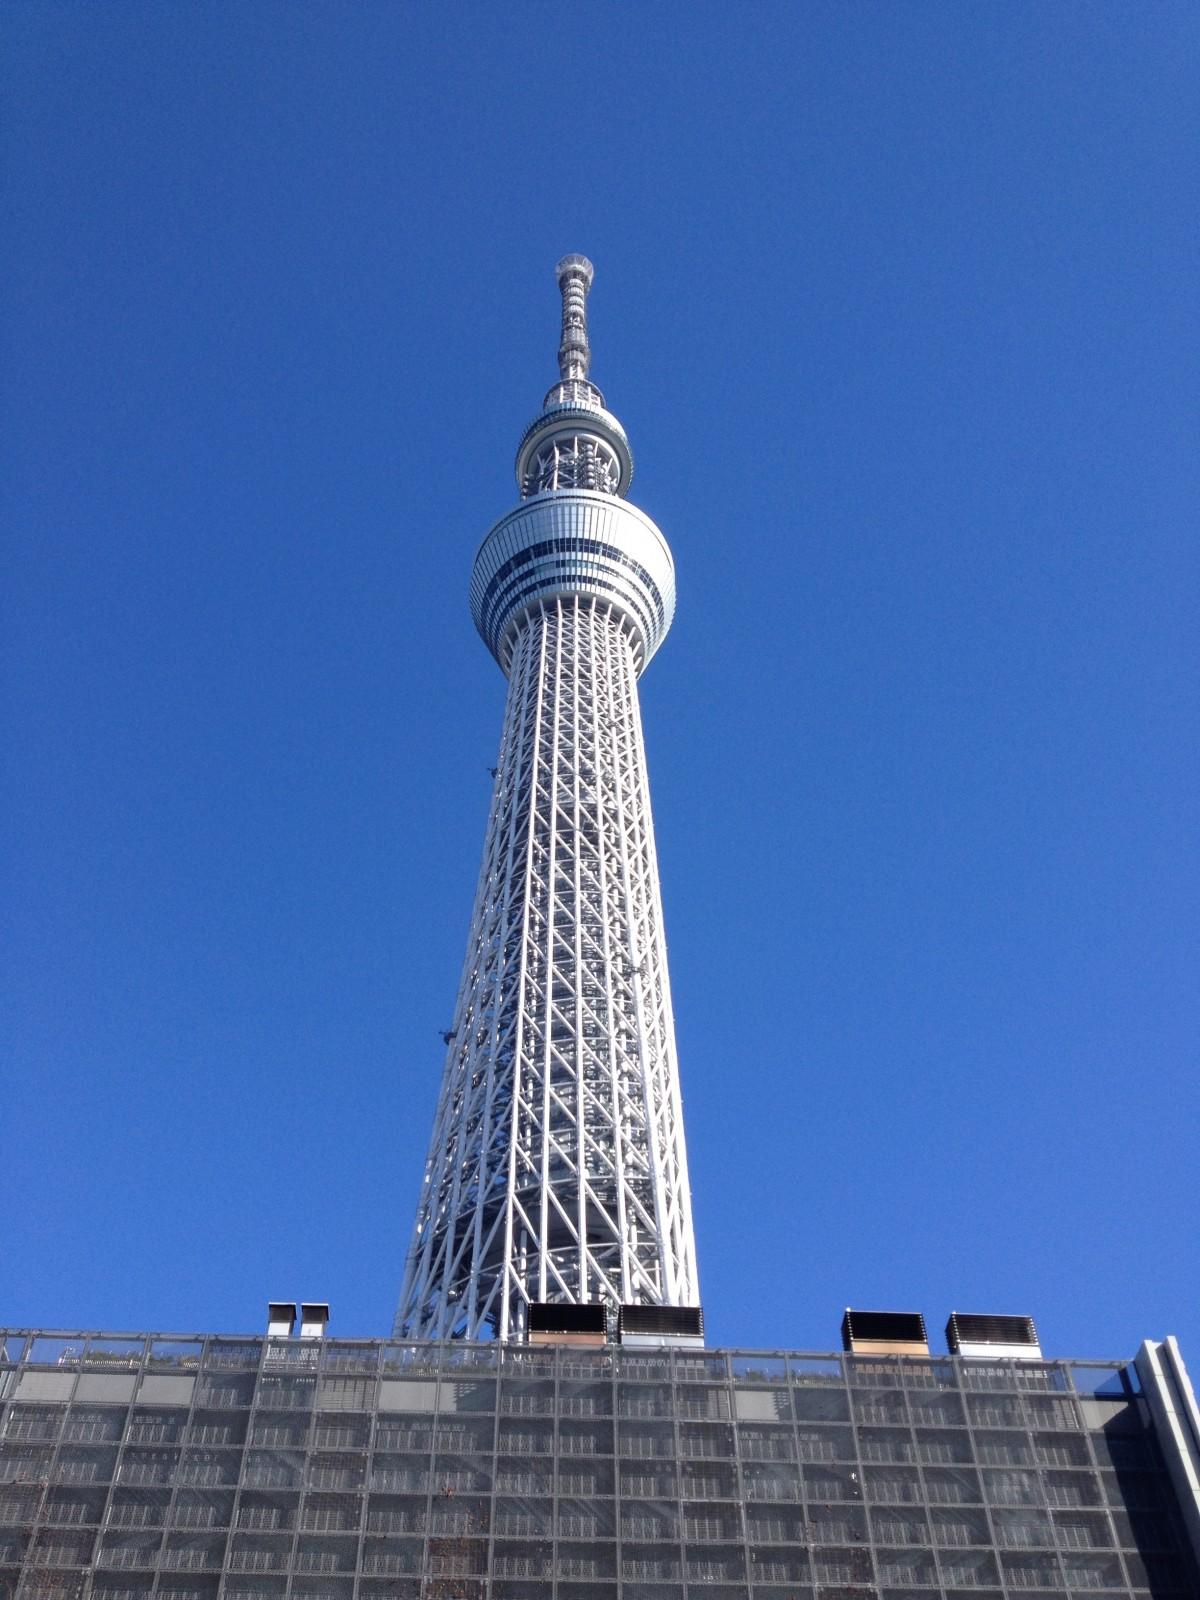 スカイライン 見る 超高層ビル 旅行 タワー ランドマーク 青 メトロポリタン 日本 高層ビル 東京 管制塔 東京スカイツリー